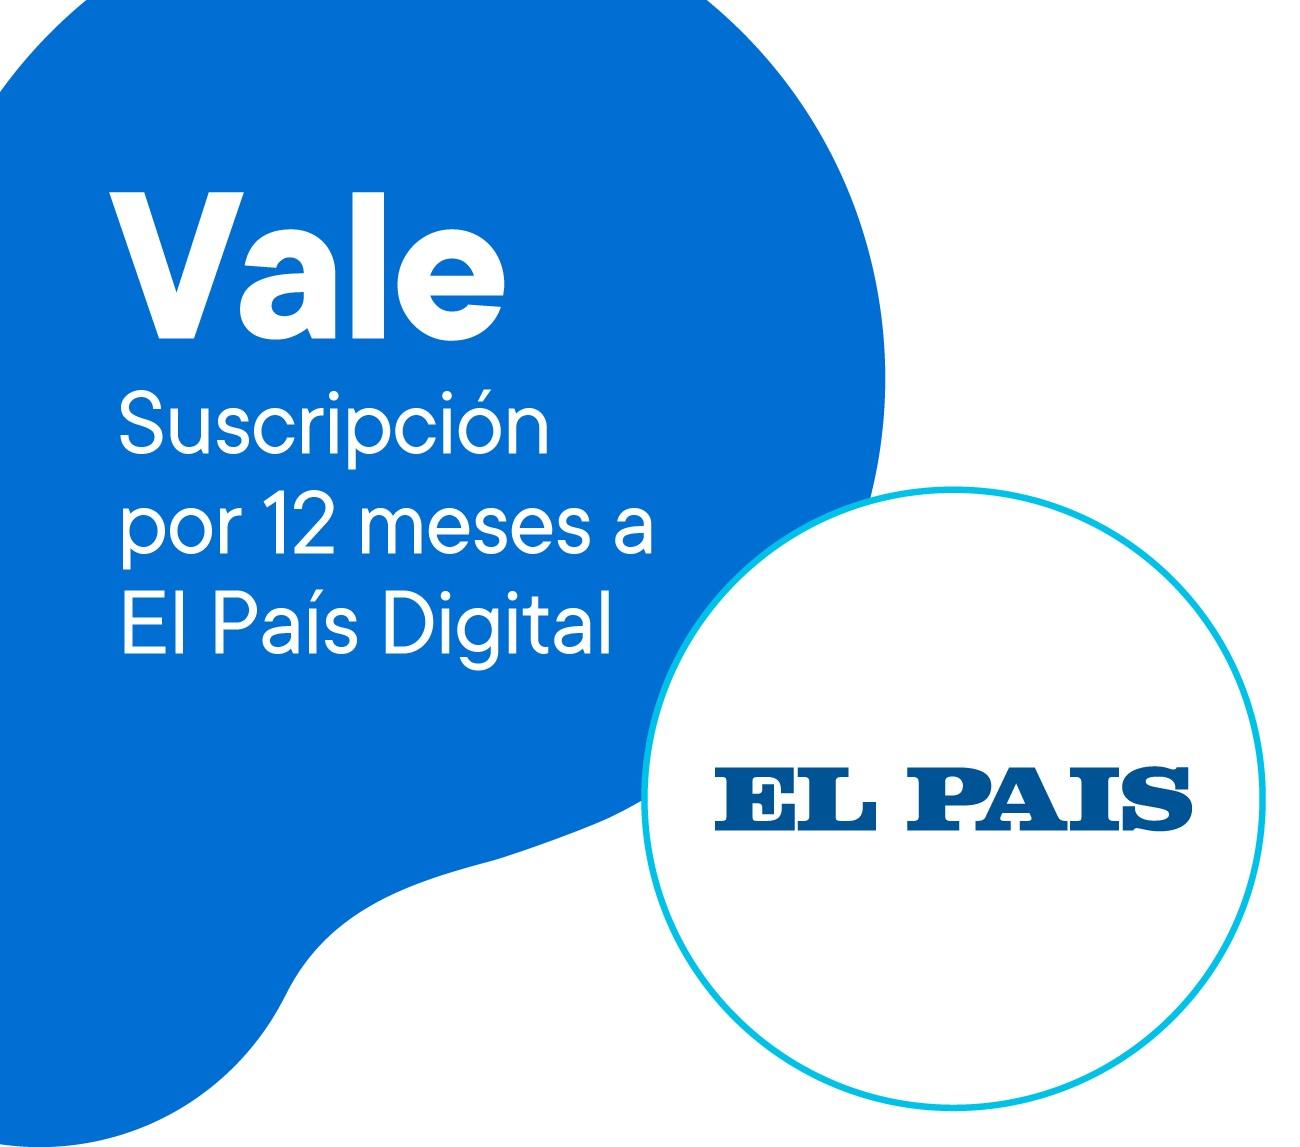 Vale suscripción 12 meses a Acceso Digital a El País. Te permite leer todos los contenidos de forma ilimitada accediendo a notas y newsletters exclusivos para suscriptores. Al canjear recibirás por mail un link para acceder a tu suscripción.